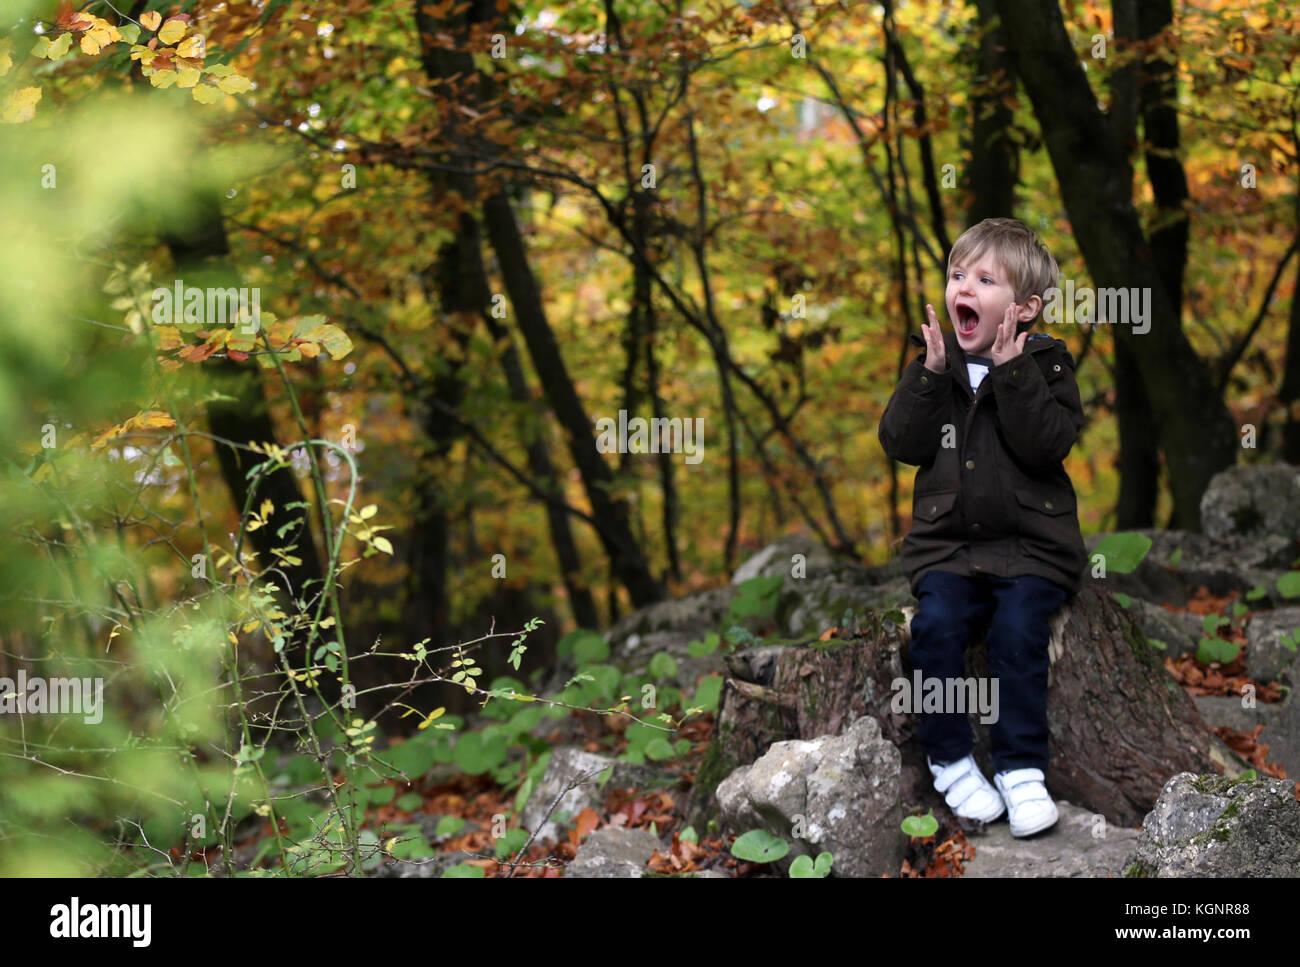 Joking Around Imágenes De Stock & Joking Around Fotos De Stock - Alamy